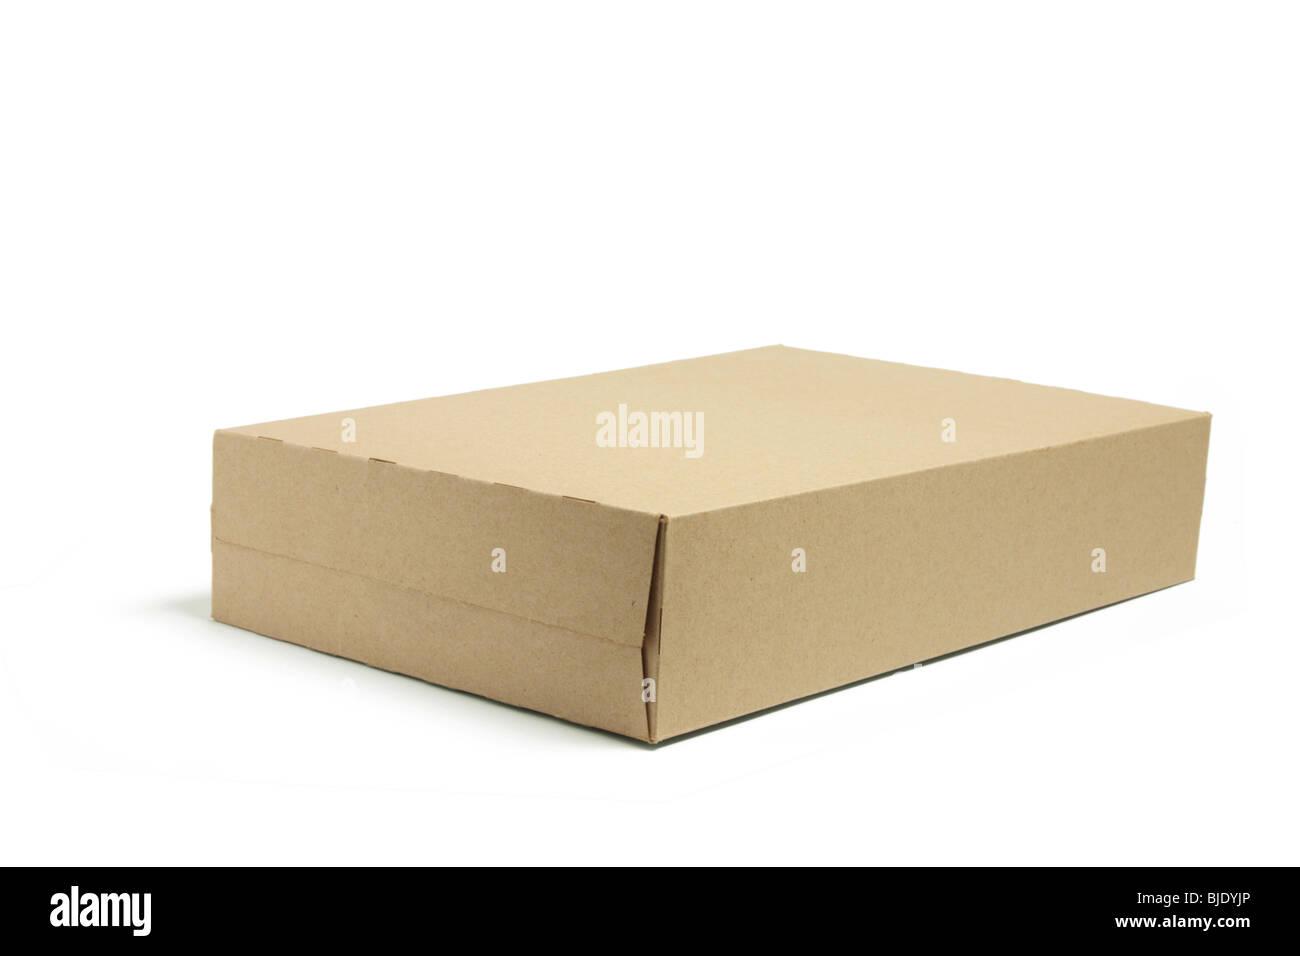 Brown Cardboard Box - Stock Image